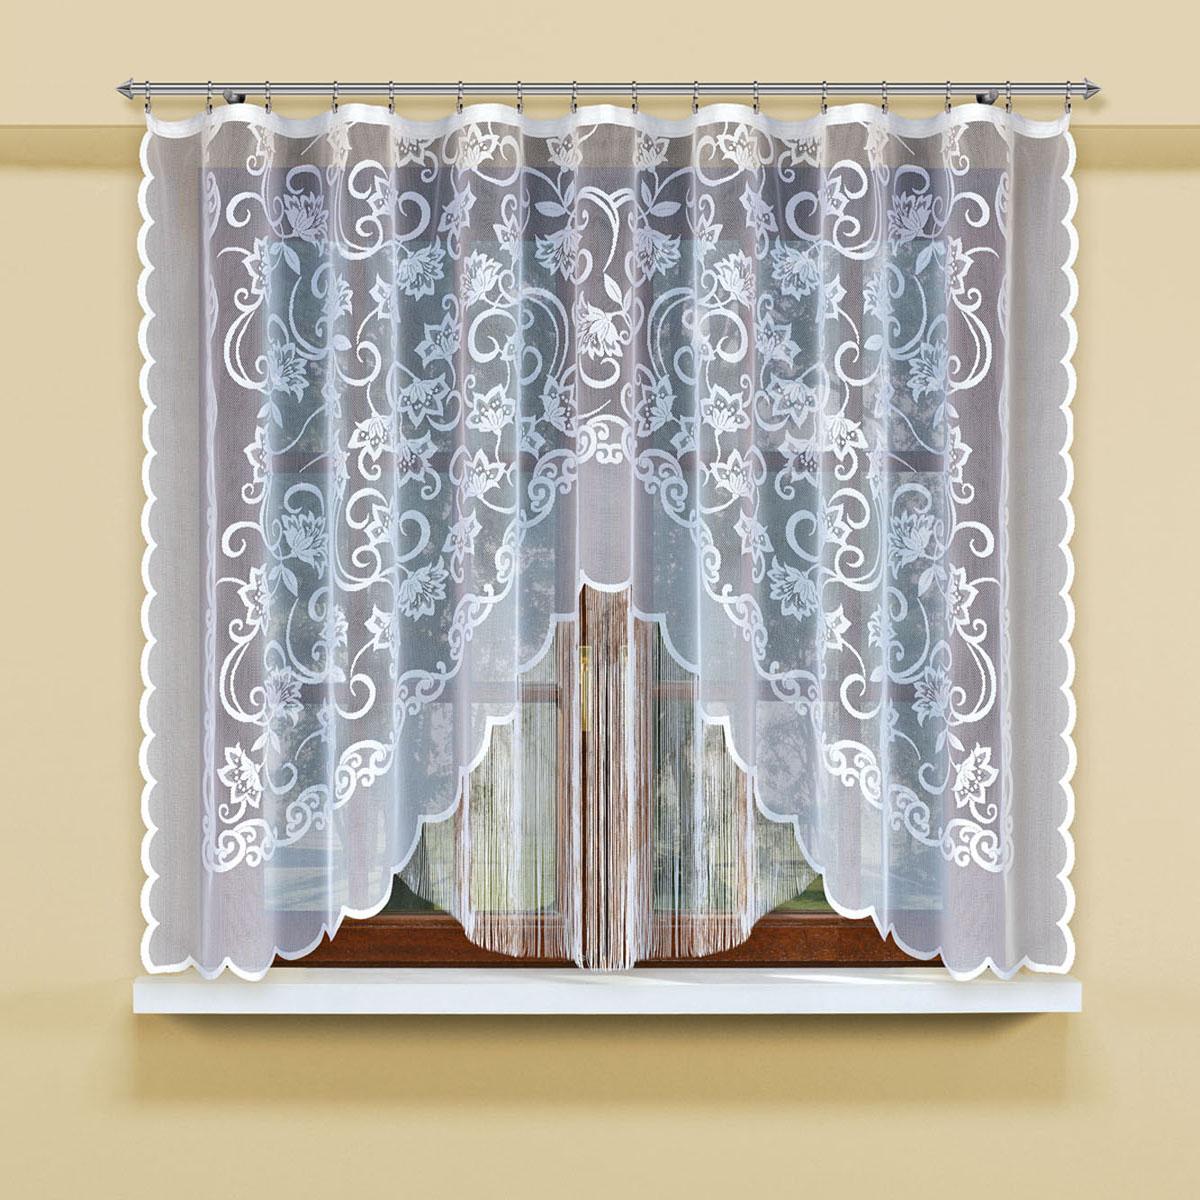 Гардина Haft, на ленте, цвет: белый, высота 160 см. 207090207090/160Гардина Haft, изготовленная из полиэстера, станет великолепным украшением любого окна. Тонкое плетение и оригинальный дизайн привлекут к себе внимание. Изделие органично впишется в интерьер. Гардина крепится на карниз при помощи ленты, которая поможет красиво и равномерно задрапировать верх.